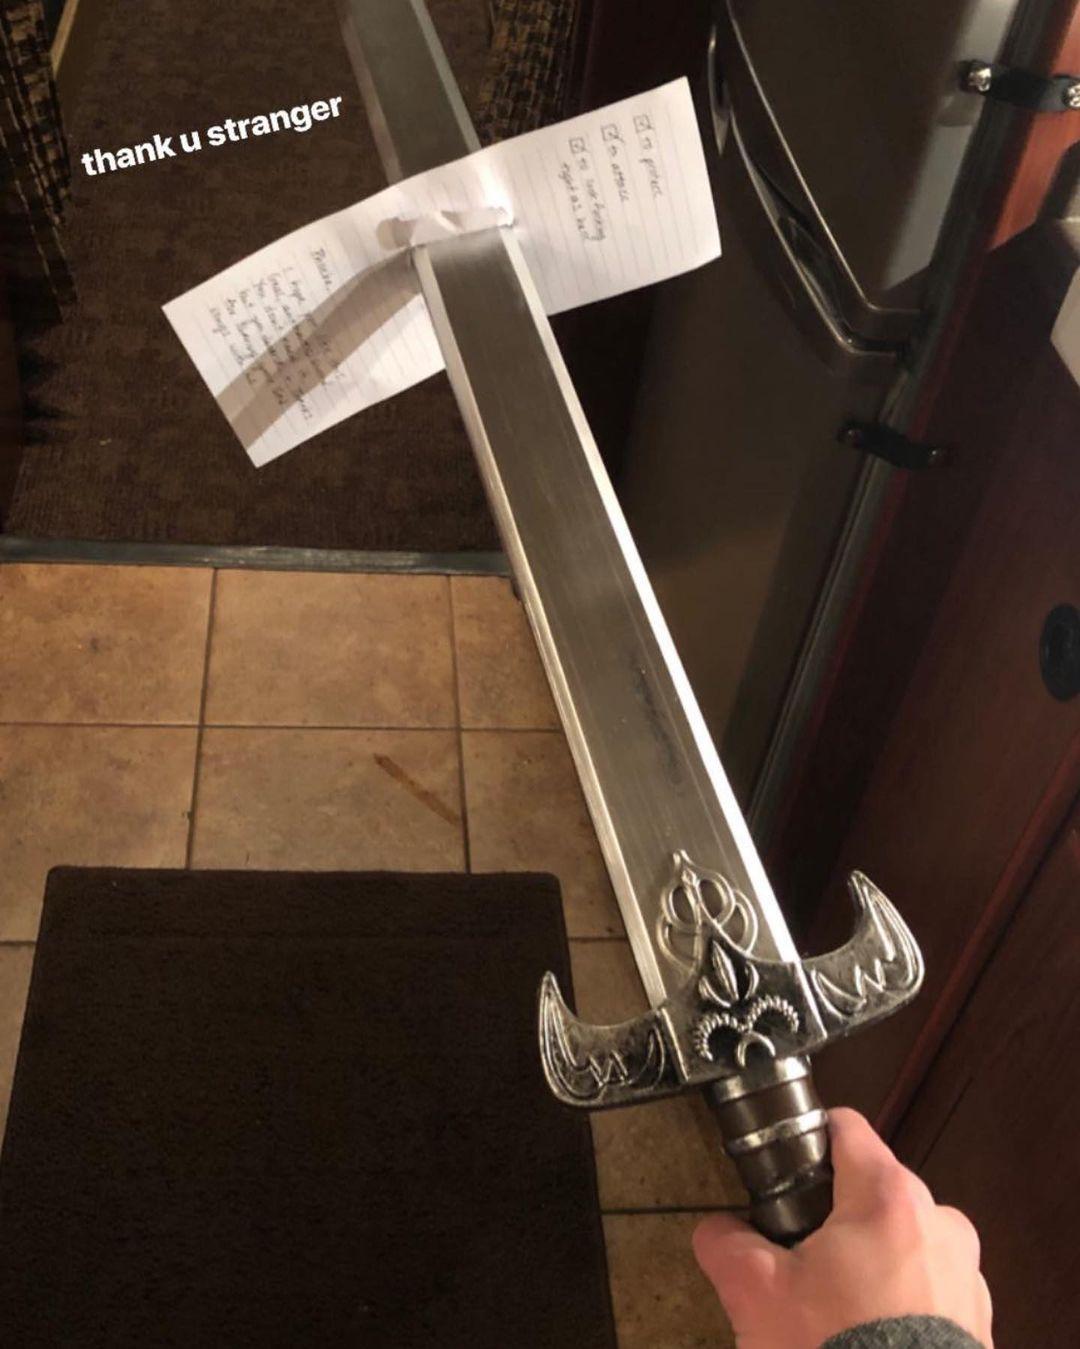 La espada y la carta que el fan de Phoebe Bridgers le entregó en 2019